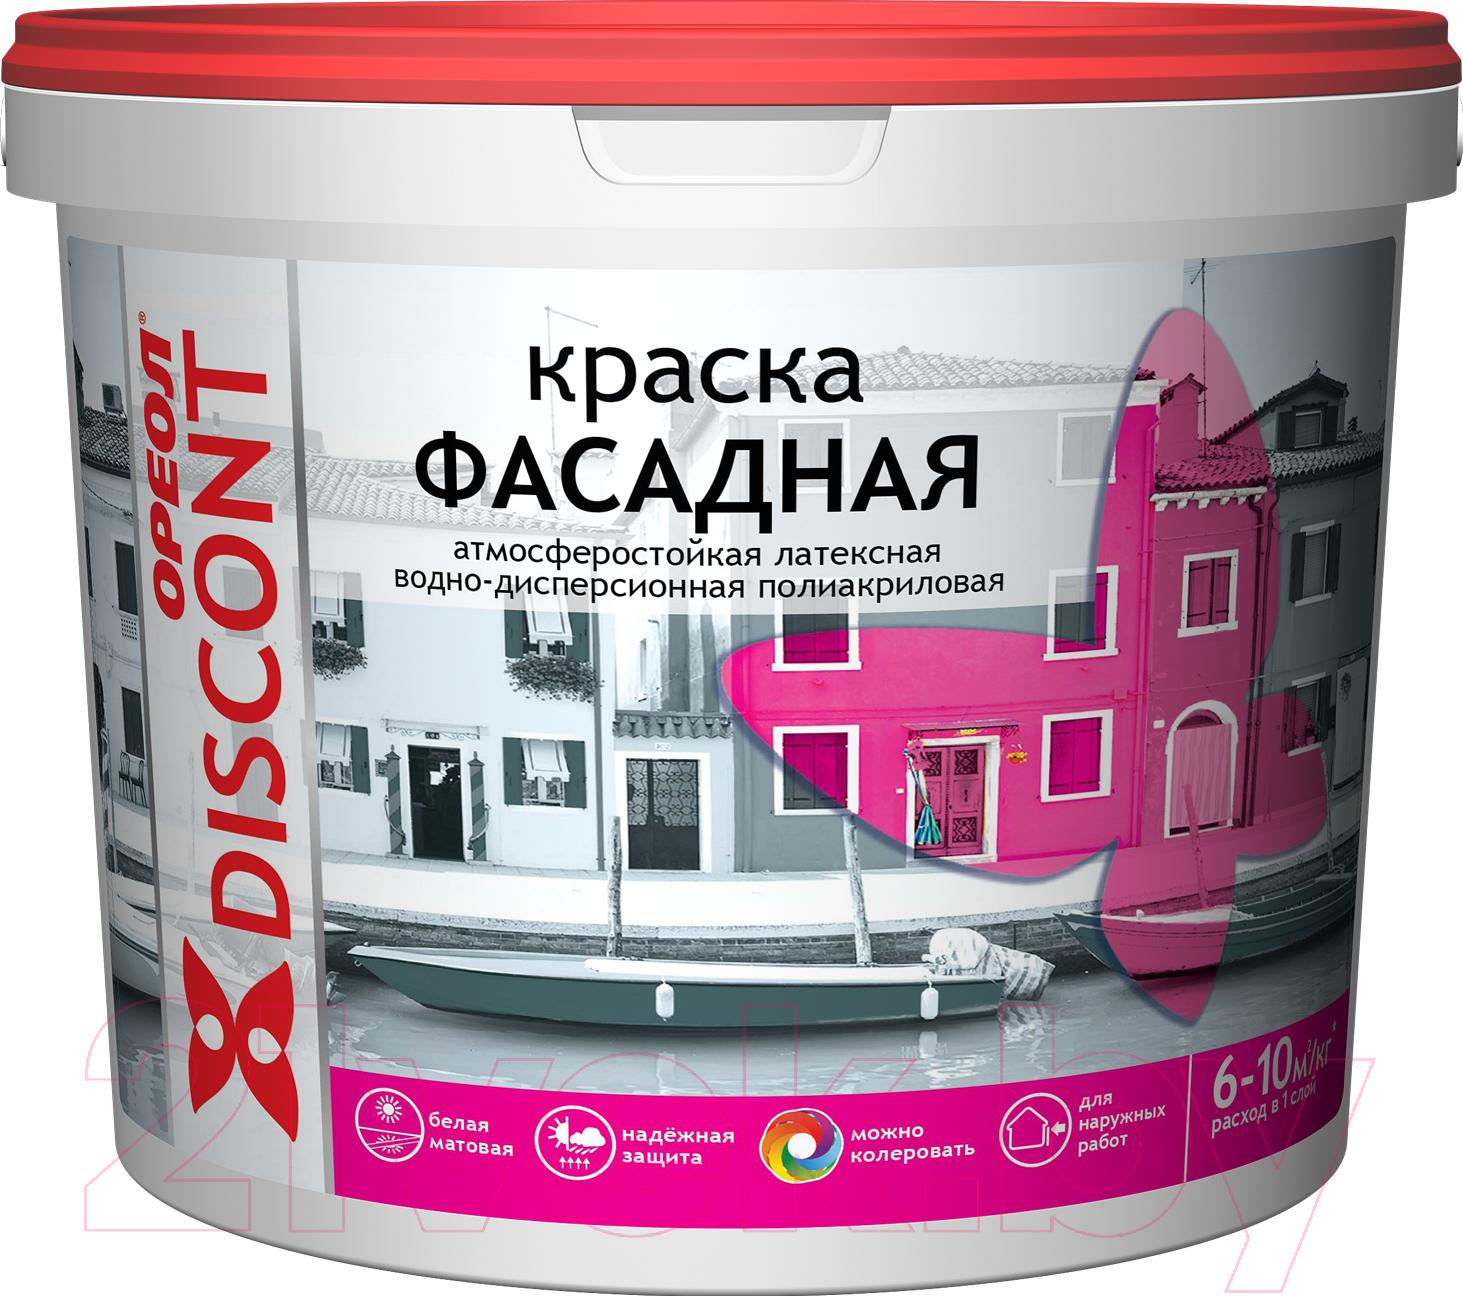 Купить Краска Ореол, Дисконт фасадная (1.5кг, белый матовый), Россия